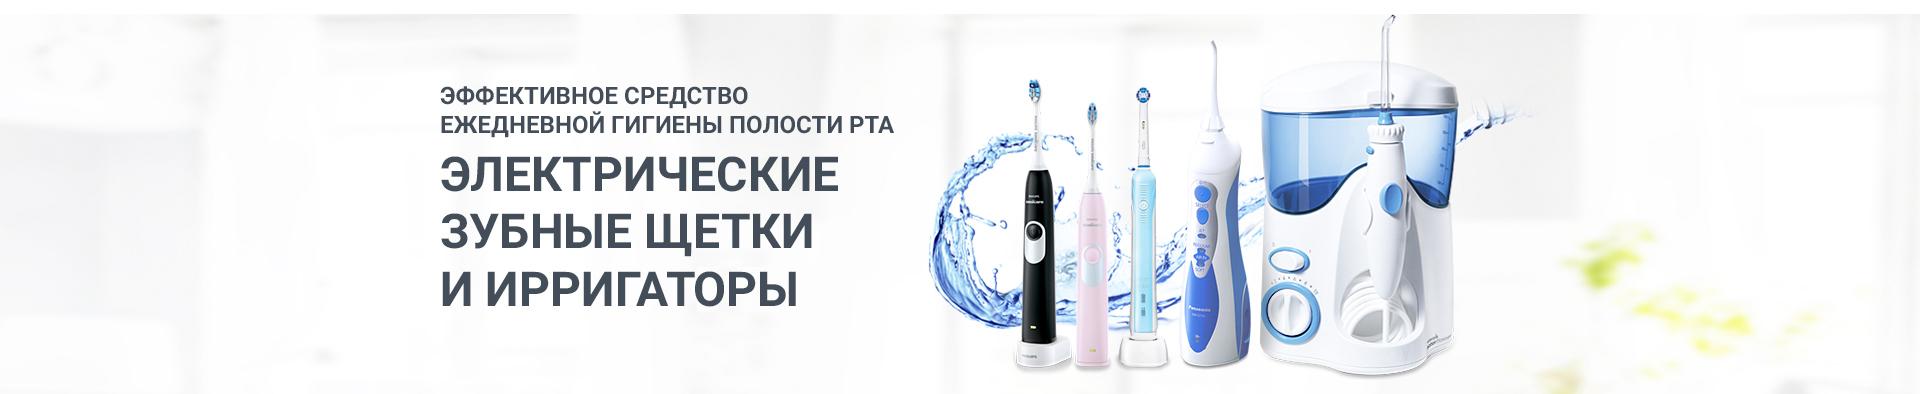 Эффективное средство ежедневной гигиены полости рта